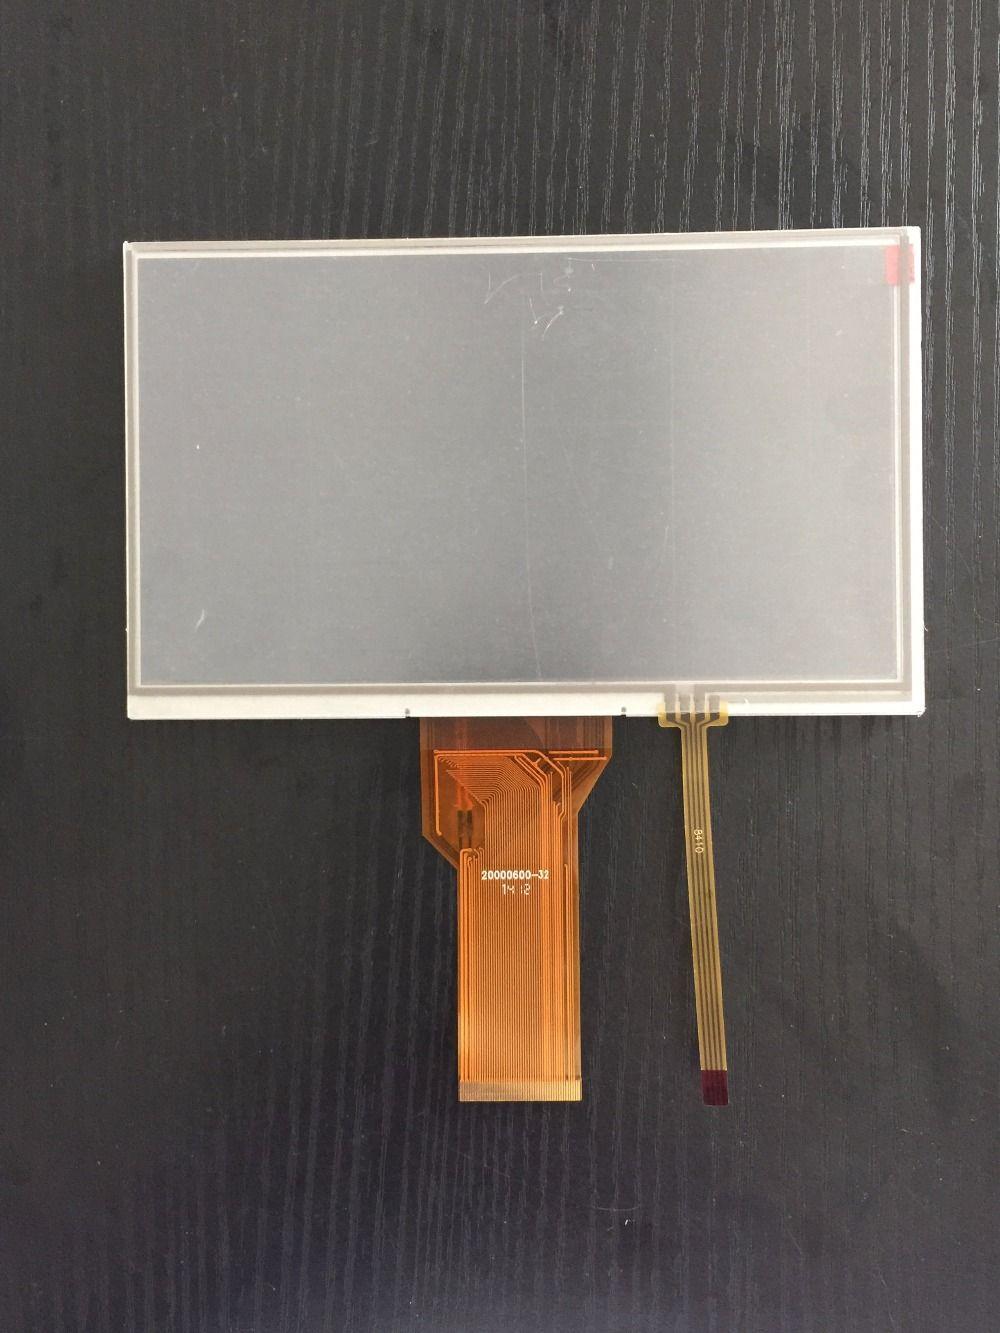 165mm * 100mm 7 pouces 800x480 TFT LCD affichage 400 lentes haute luminosité avec écran tactile RTP écran tactile